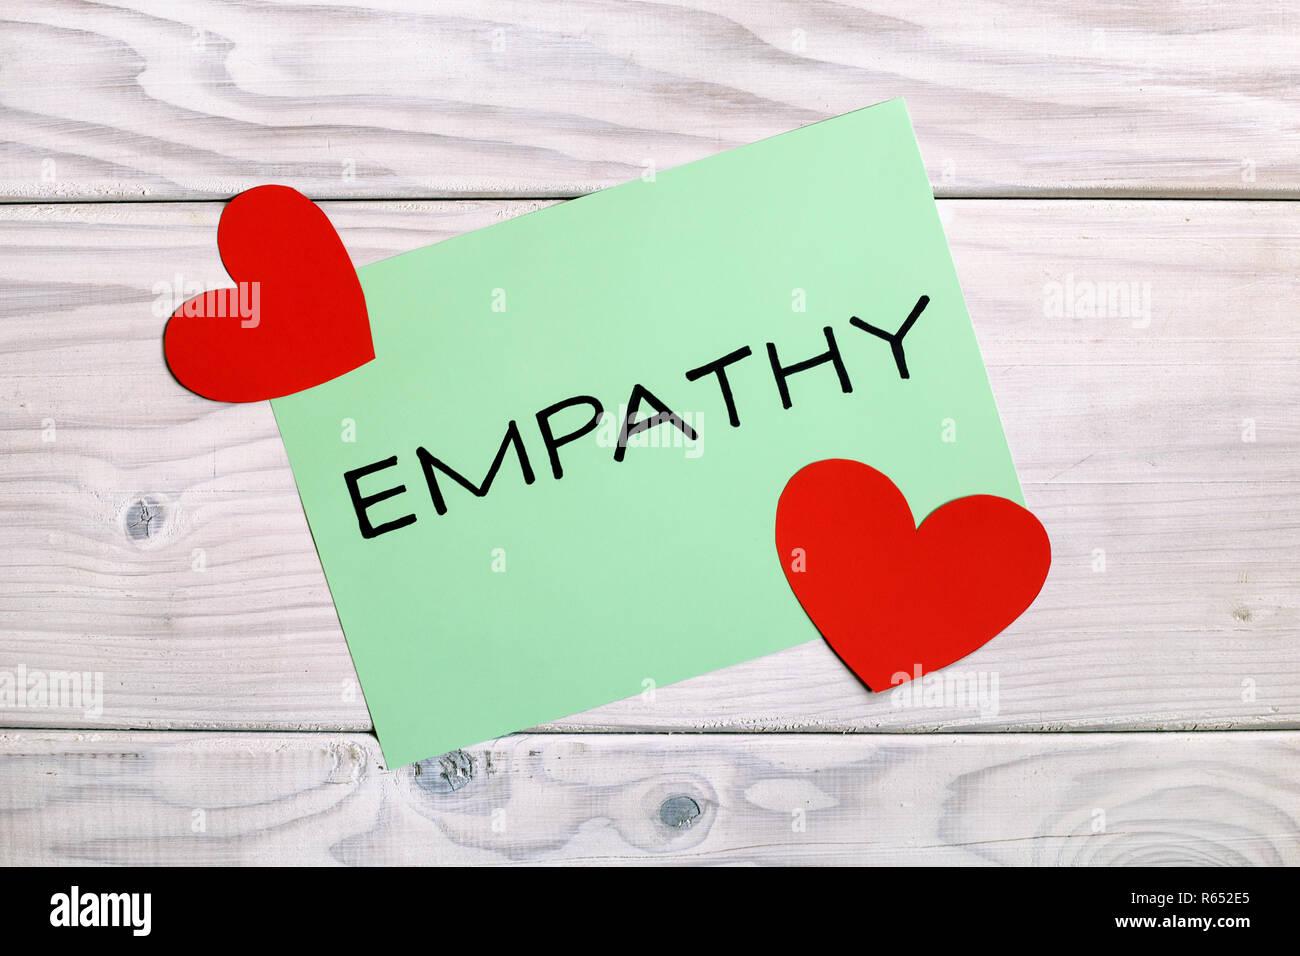 Mot d'empathie et de coeur des formes sur table en bois. Photo Stock